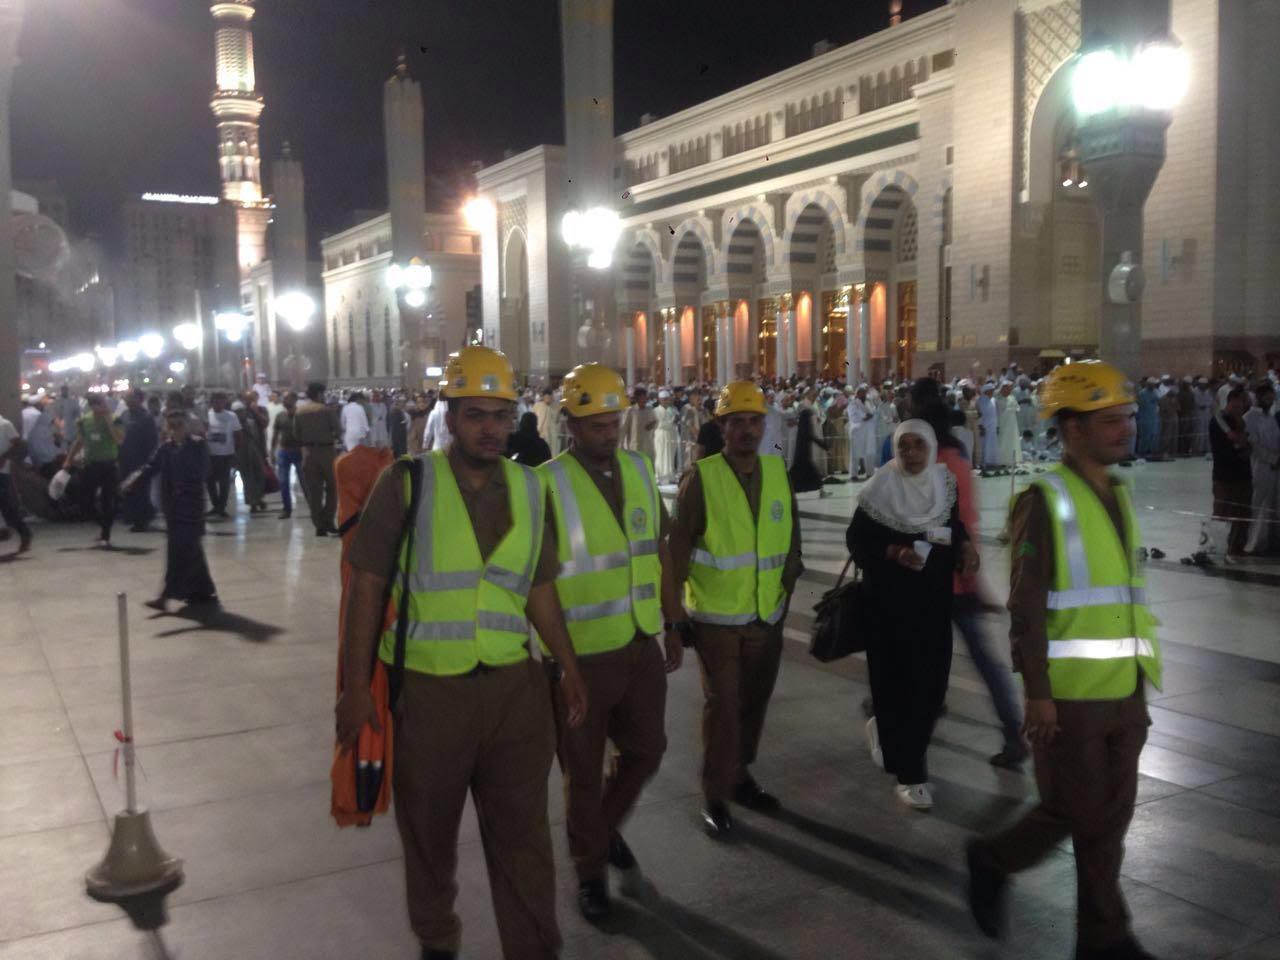 خطة المدني لمواجهة الطوارئ في المدينة المنورة (3)